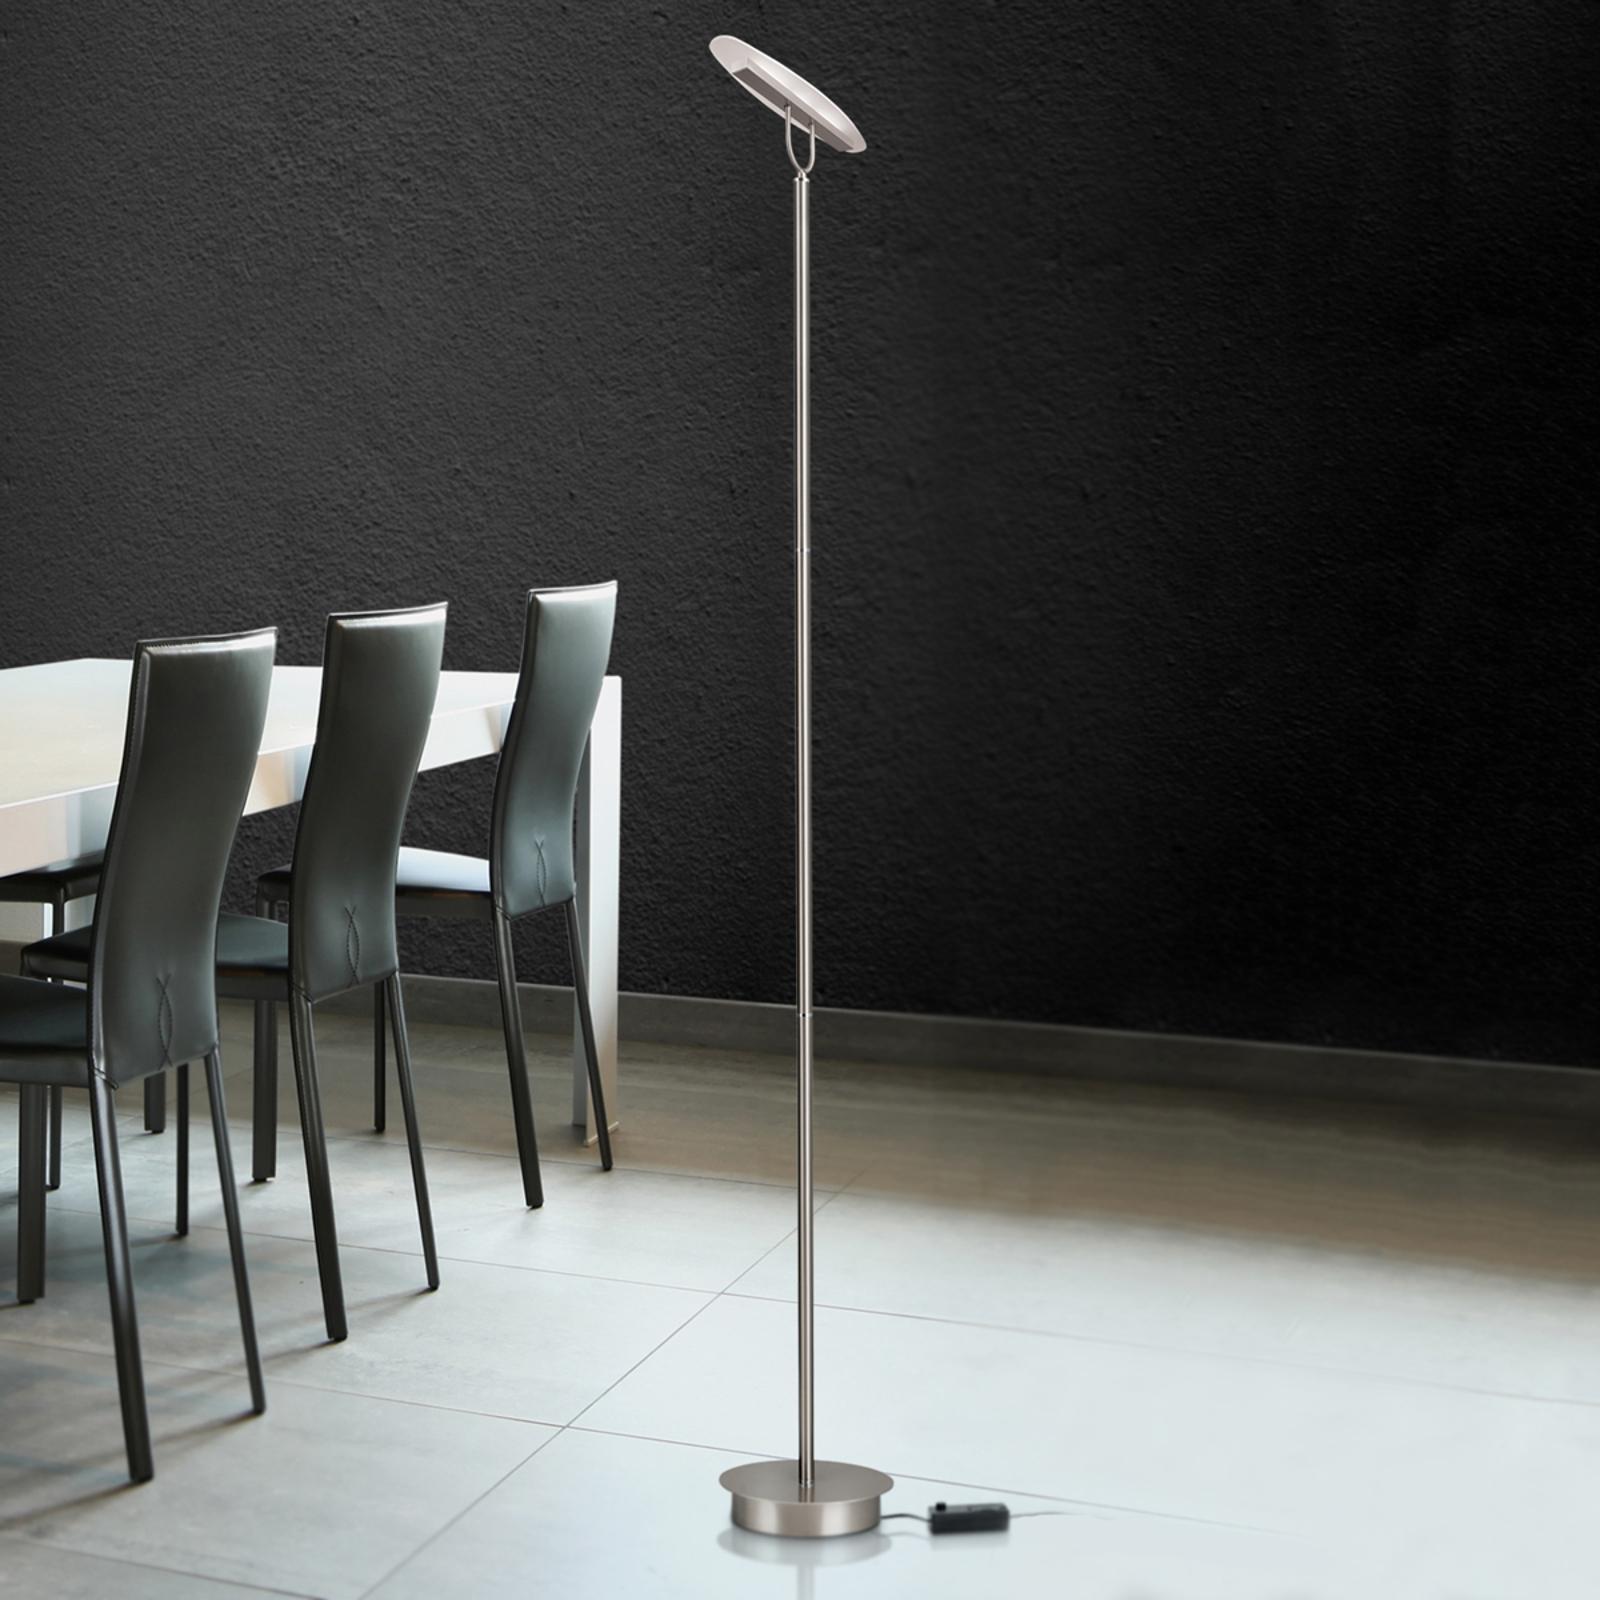 Dimbare LED-vloerlamp Sabira